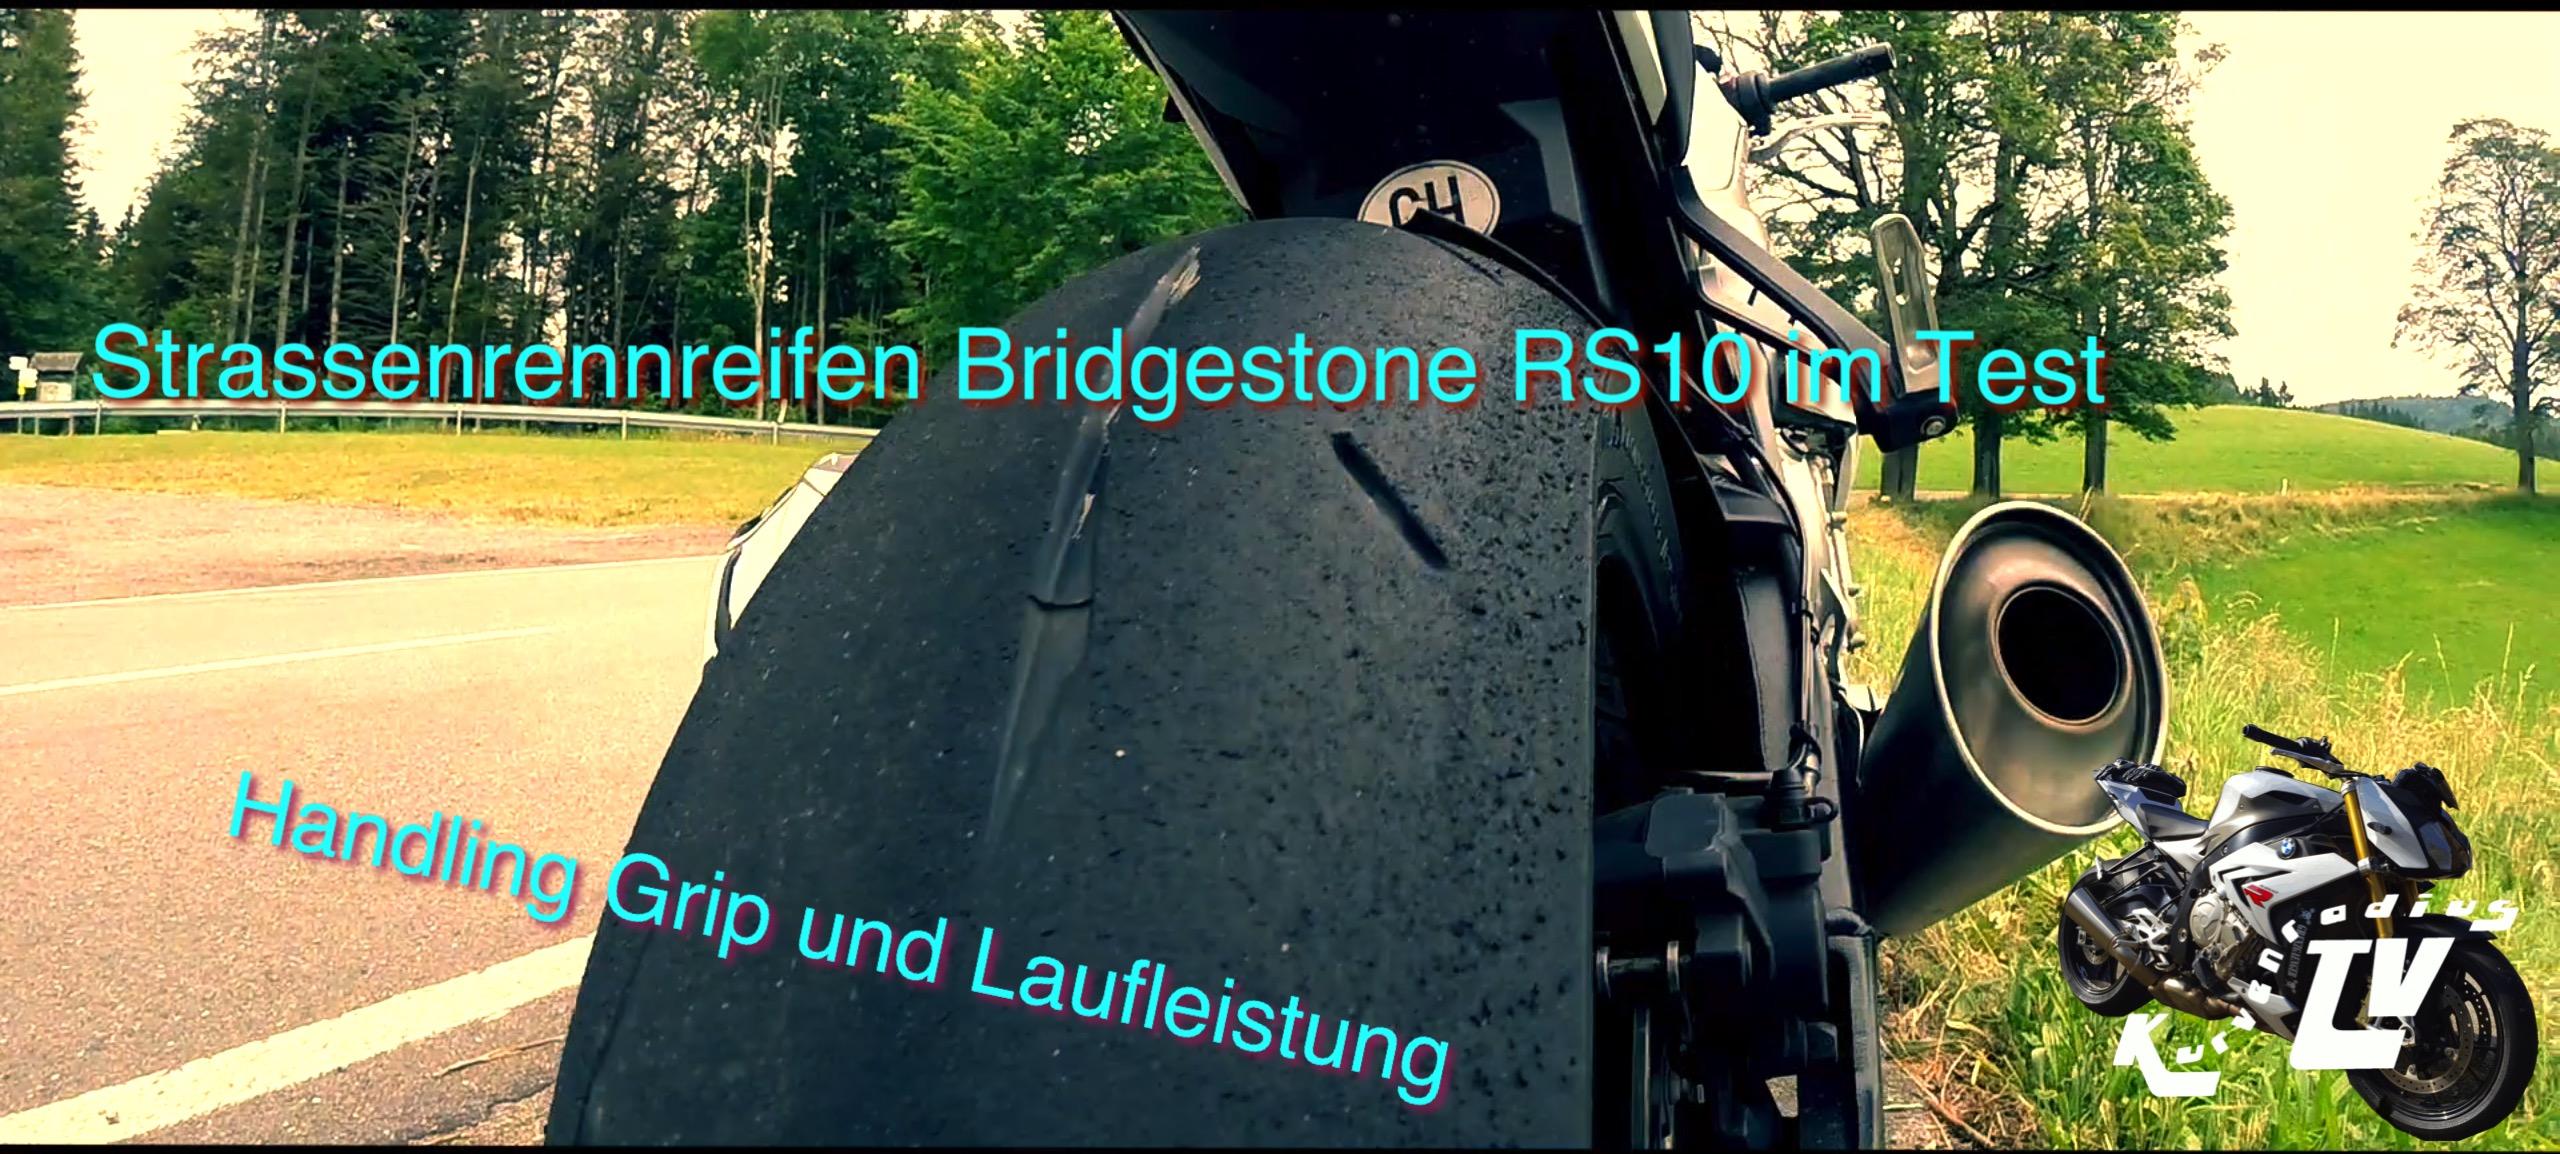 Strassenrennreifen Bridgestone RS10 Test Teil 2 | Handling Grip Laufleistung | KurvenradiusTV